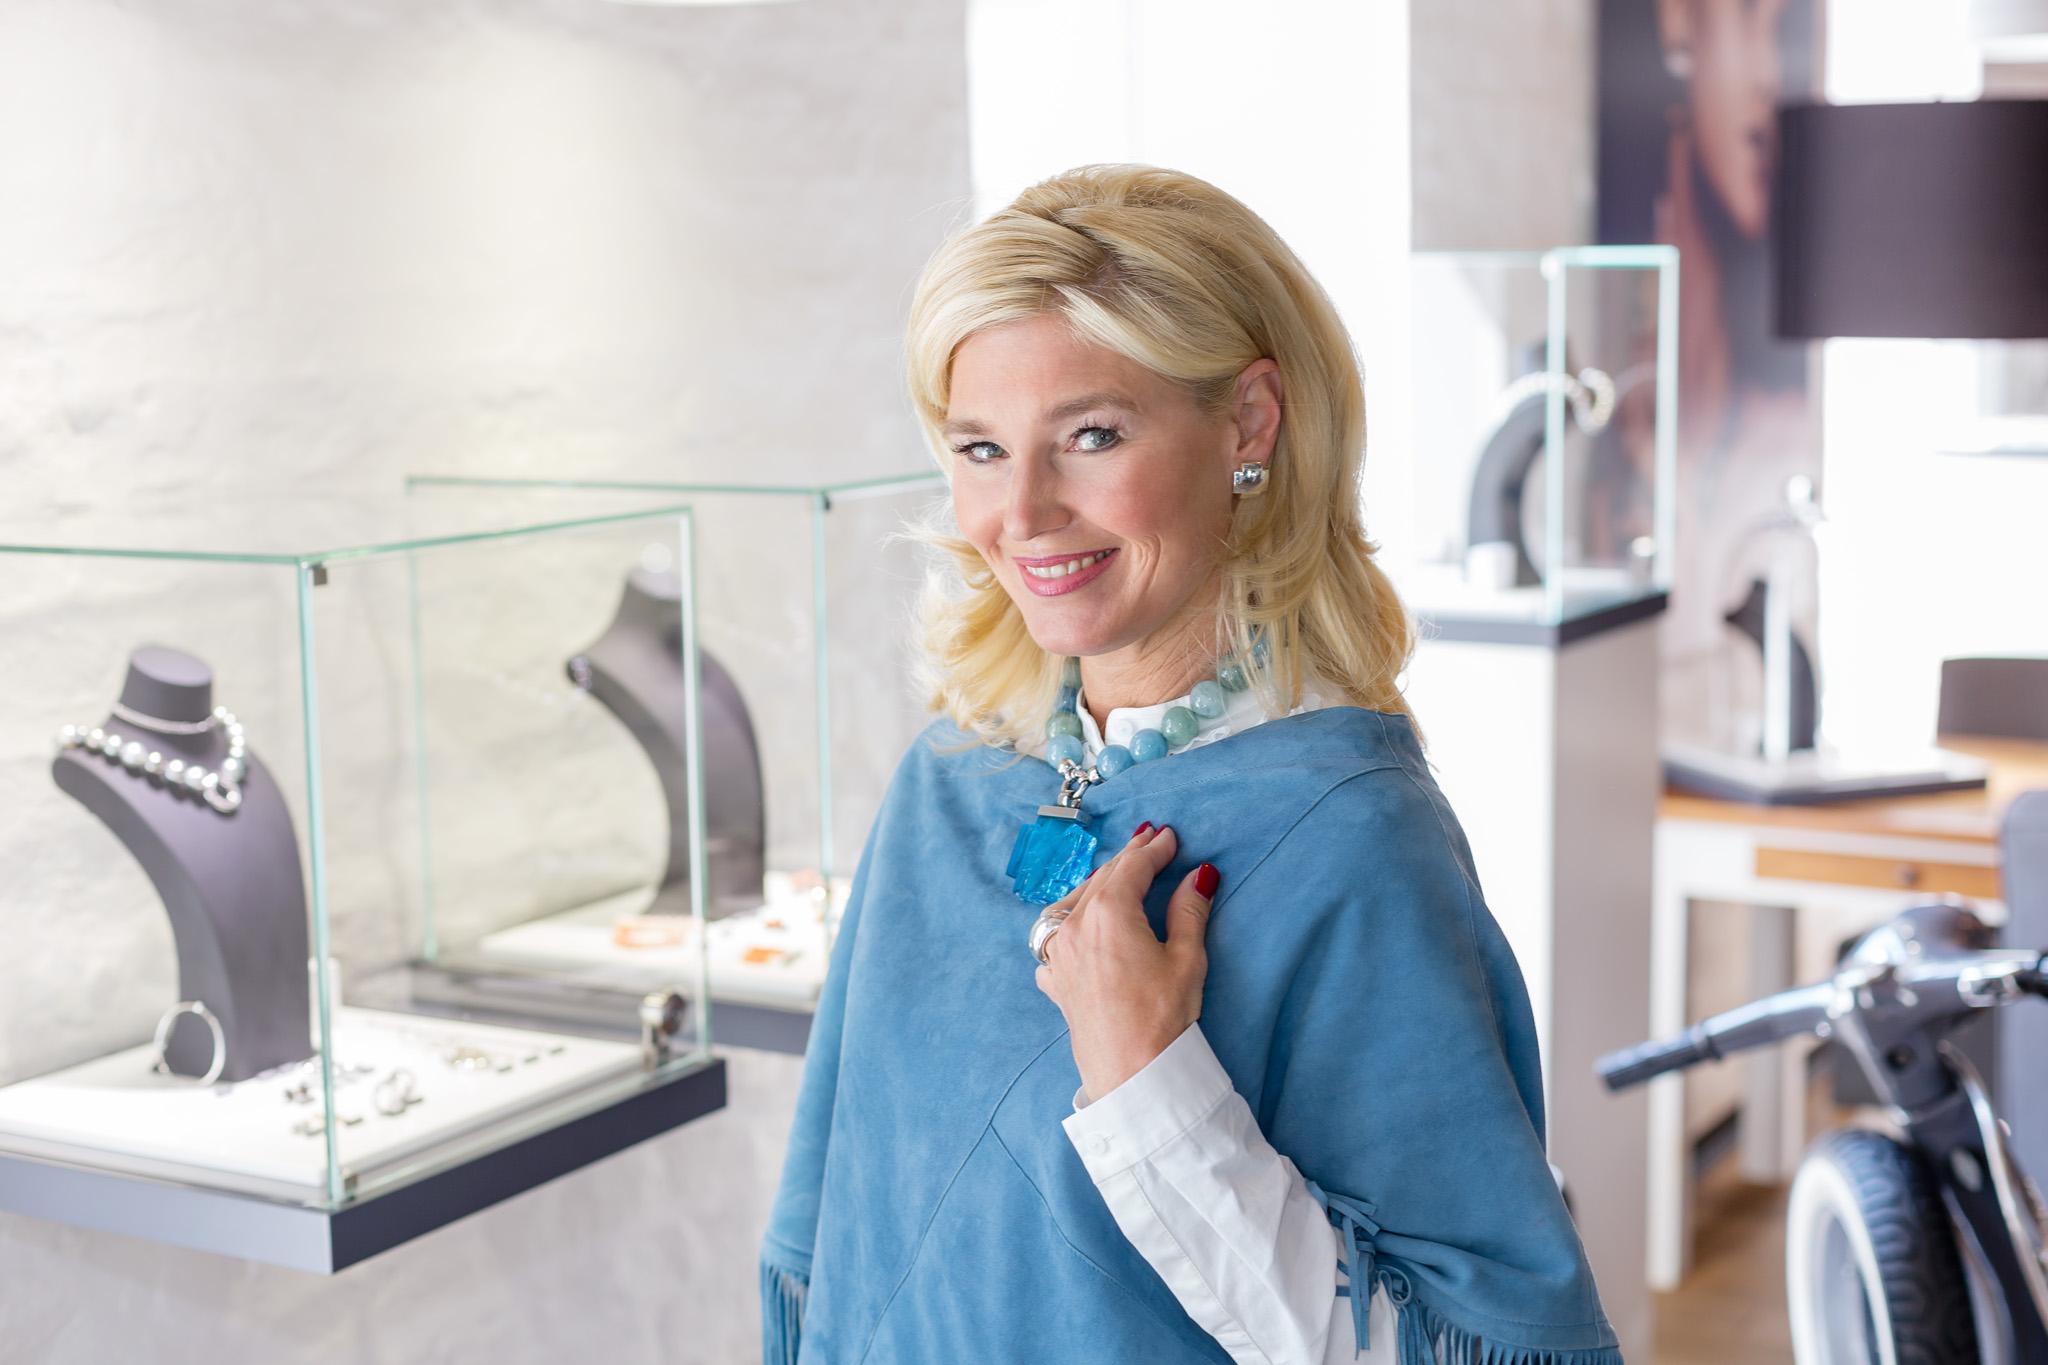 Brauksiepe Goldschmiedemanufaktur, besonderer Silberschmuck, toller Silberschmuck, modischer Silberschmuck, Fashion-Blog, Lieblingsstil.com,